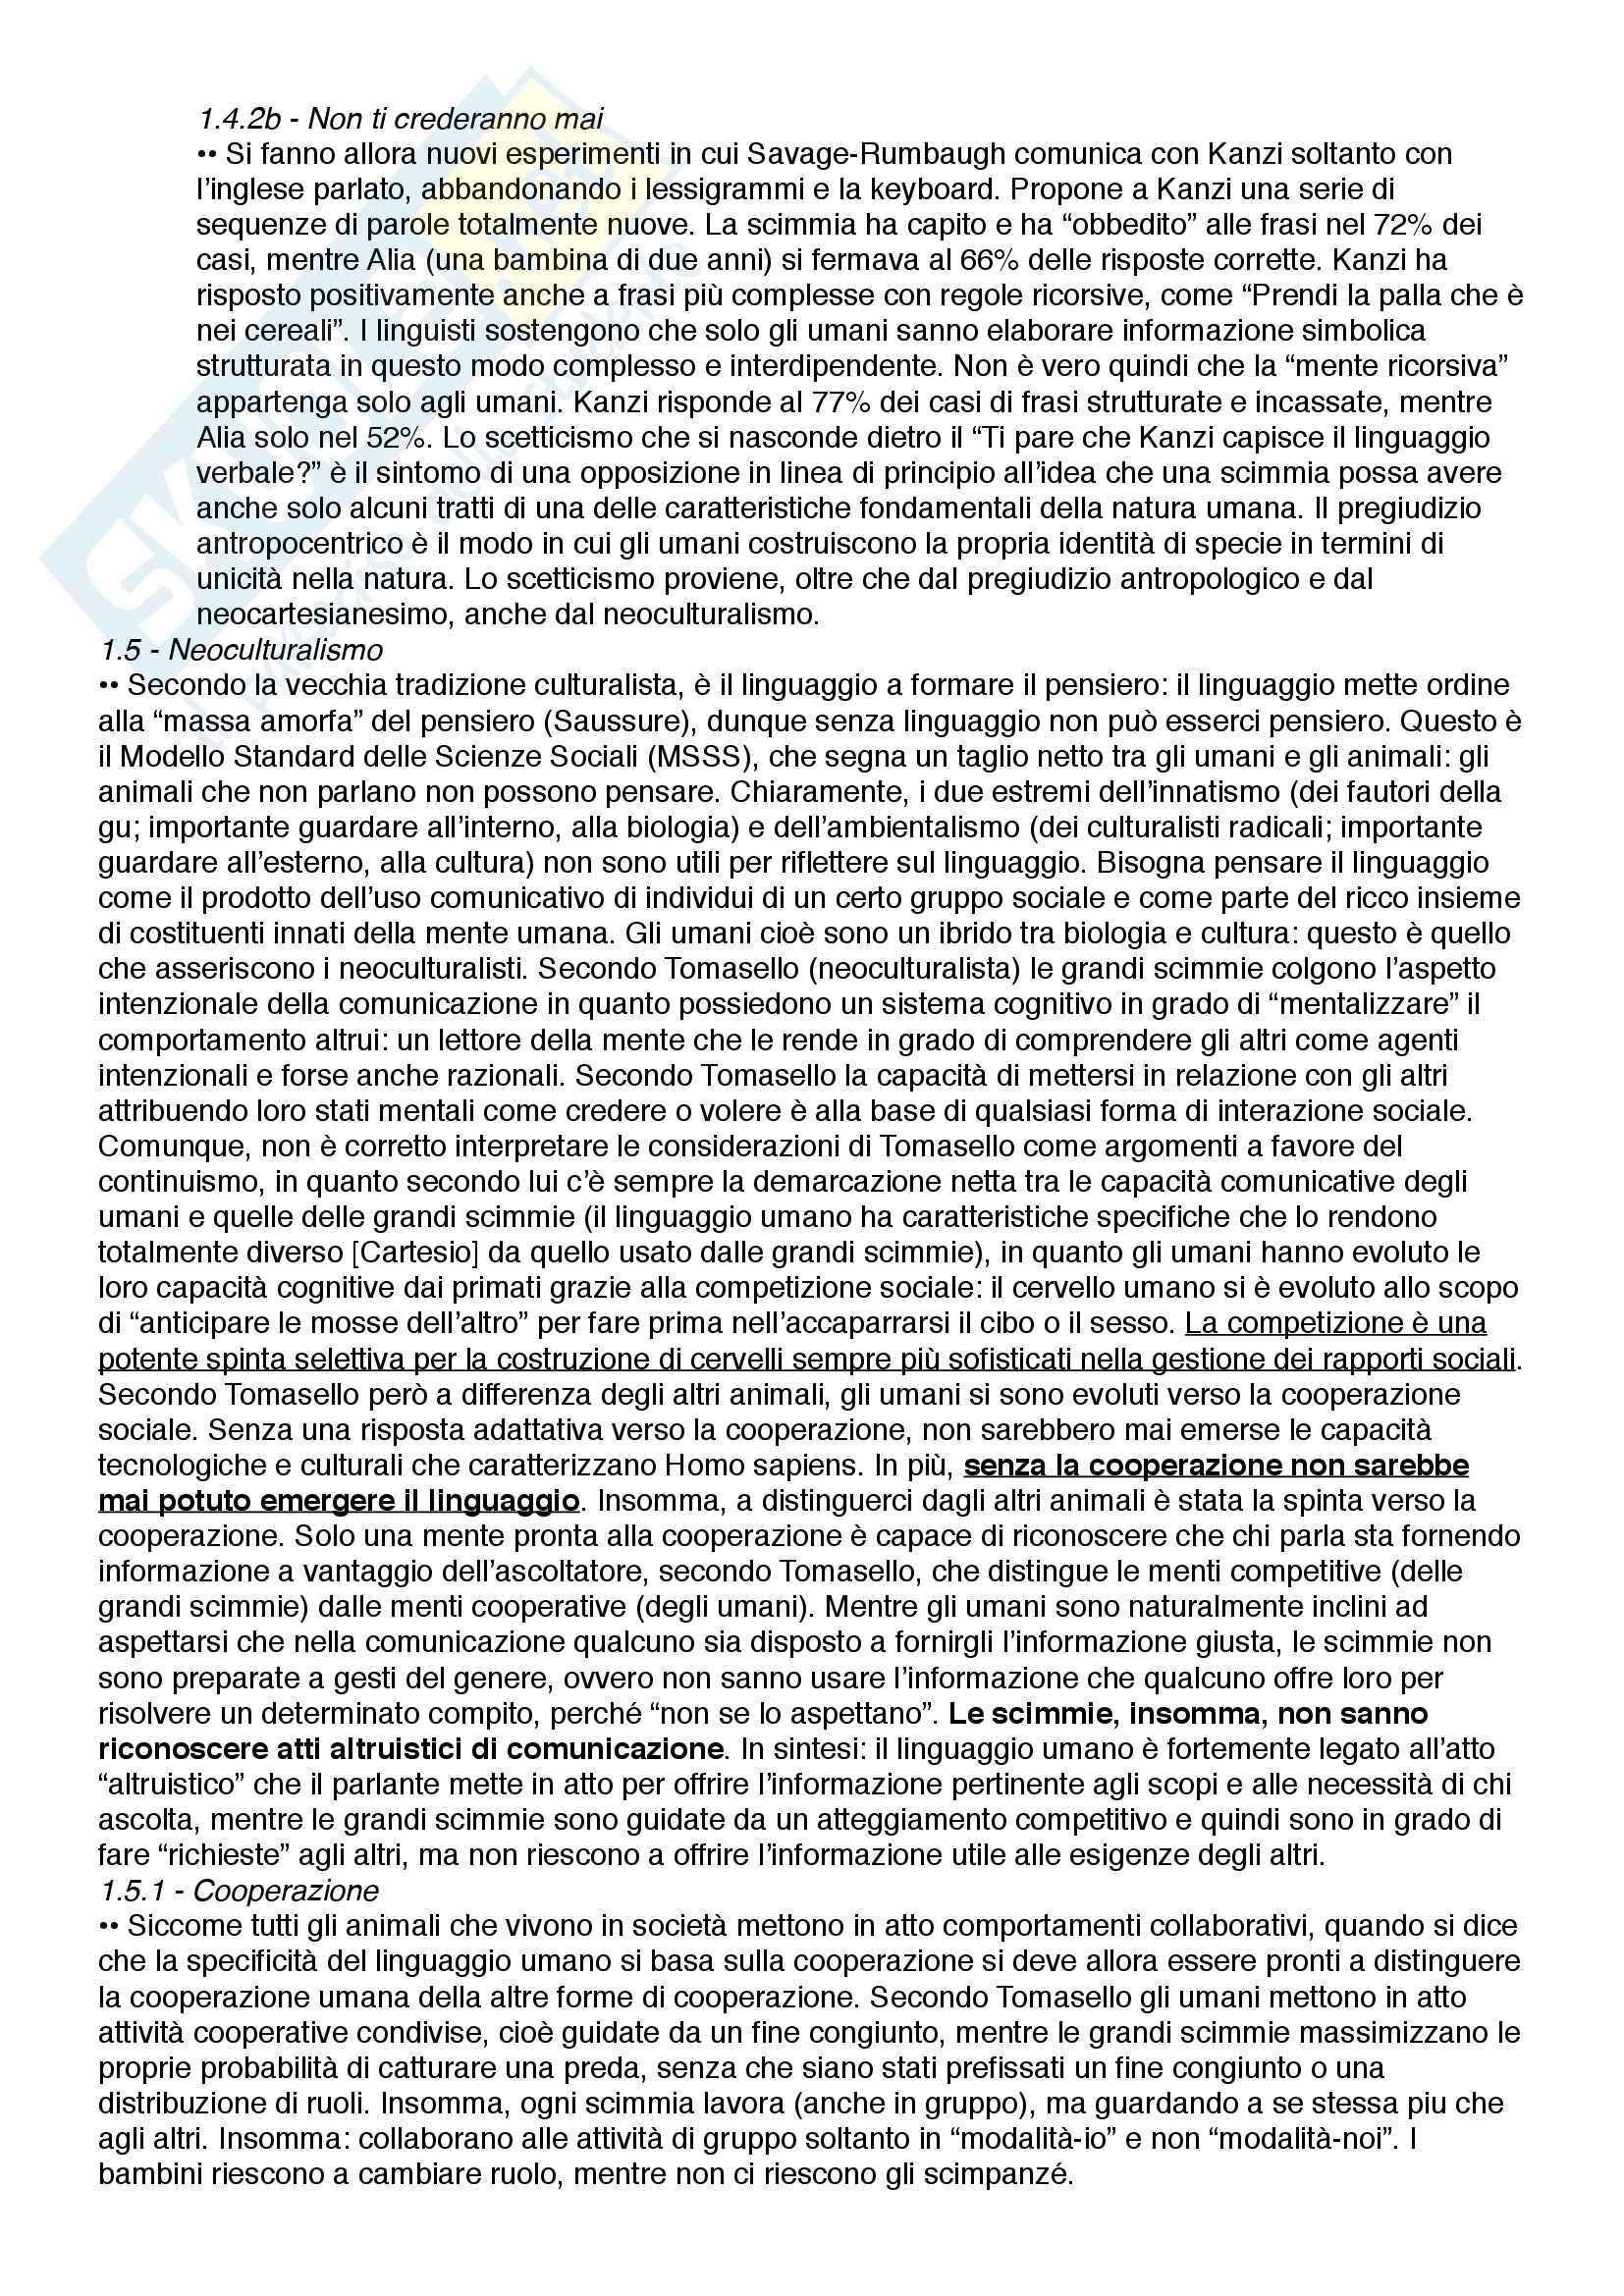 Riassunto esame Filosofia del linguaggio e della comunicazione, prof. Ferretti, libro consigliato Dalla comunicazione al linguaggio - Scimmie, ominidi e umani in una prospettiva darwiniana, Ferretti e Adornetti Pag. 6